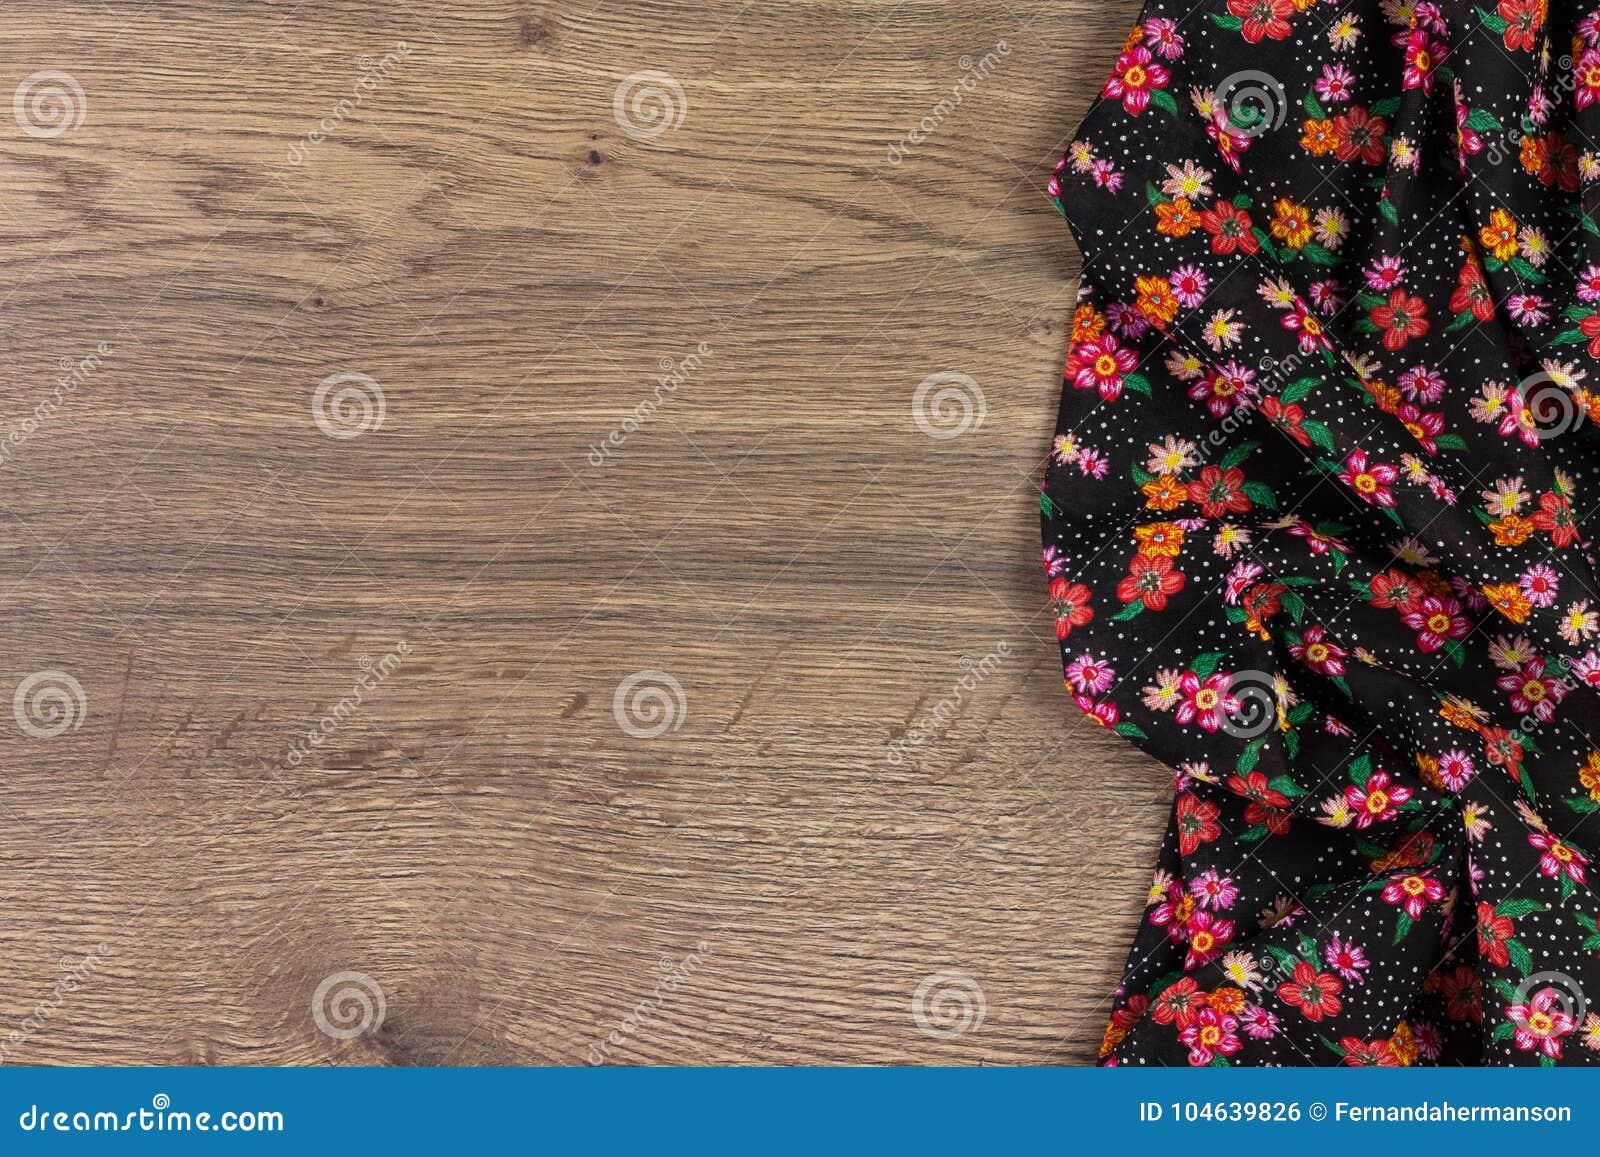 Download Het Bloemenservet Van De Patroondoek Op Lege Houten Achtergrond Stock Foto - Afbeelding bestaande uit katoen, decoratie: 104639826